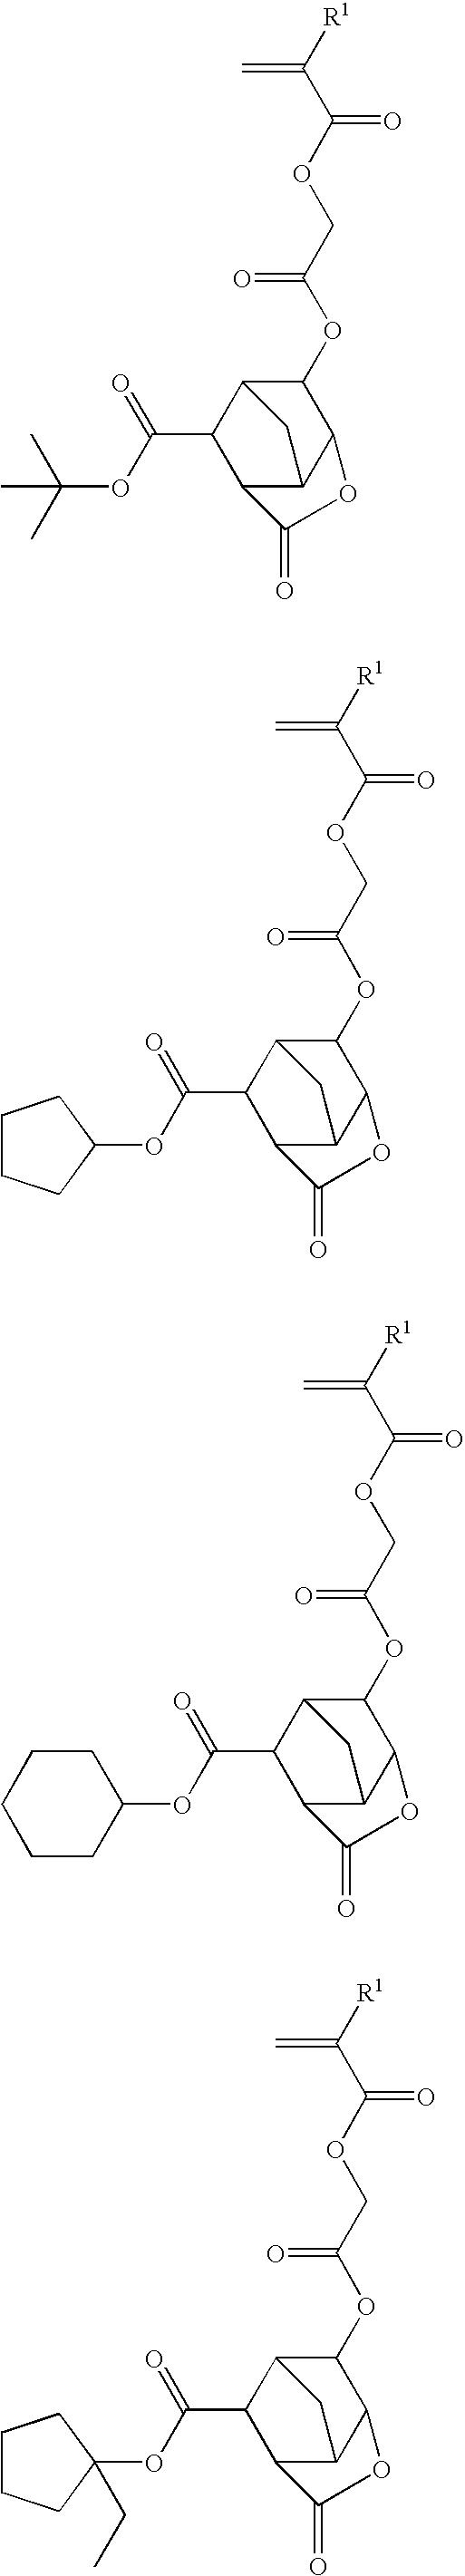 Figure US20080026331A1-20080131-C00009